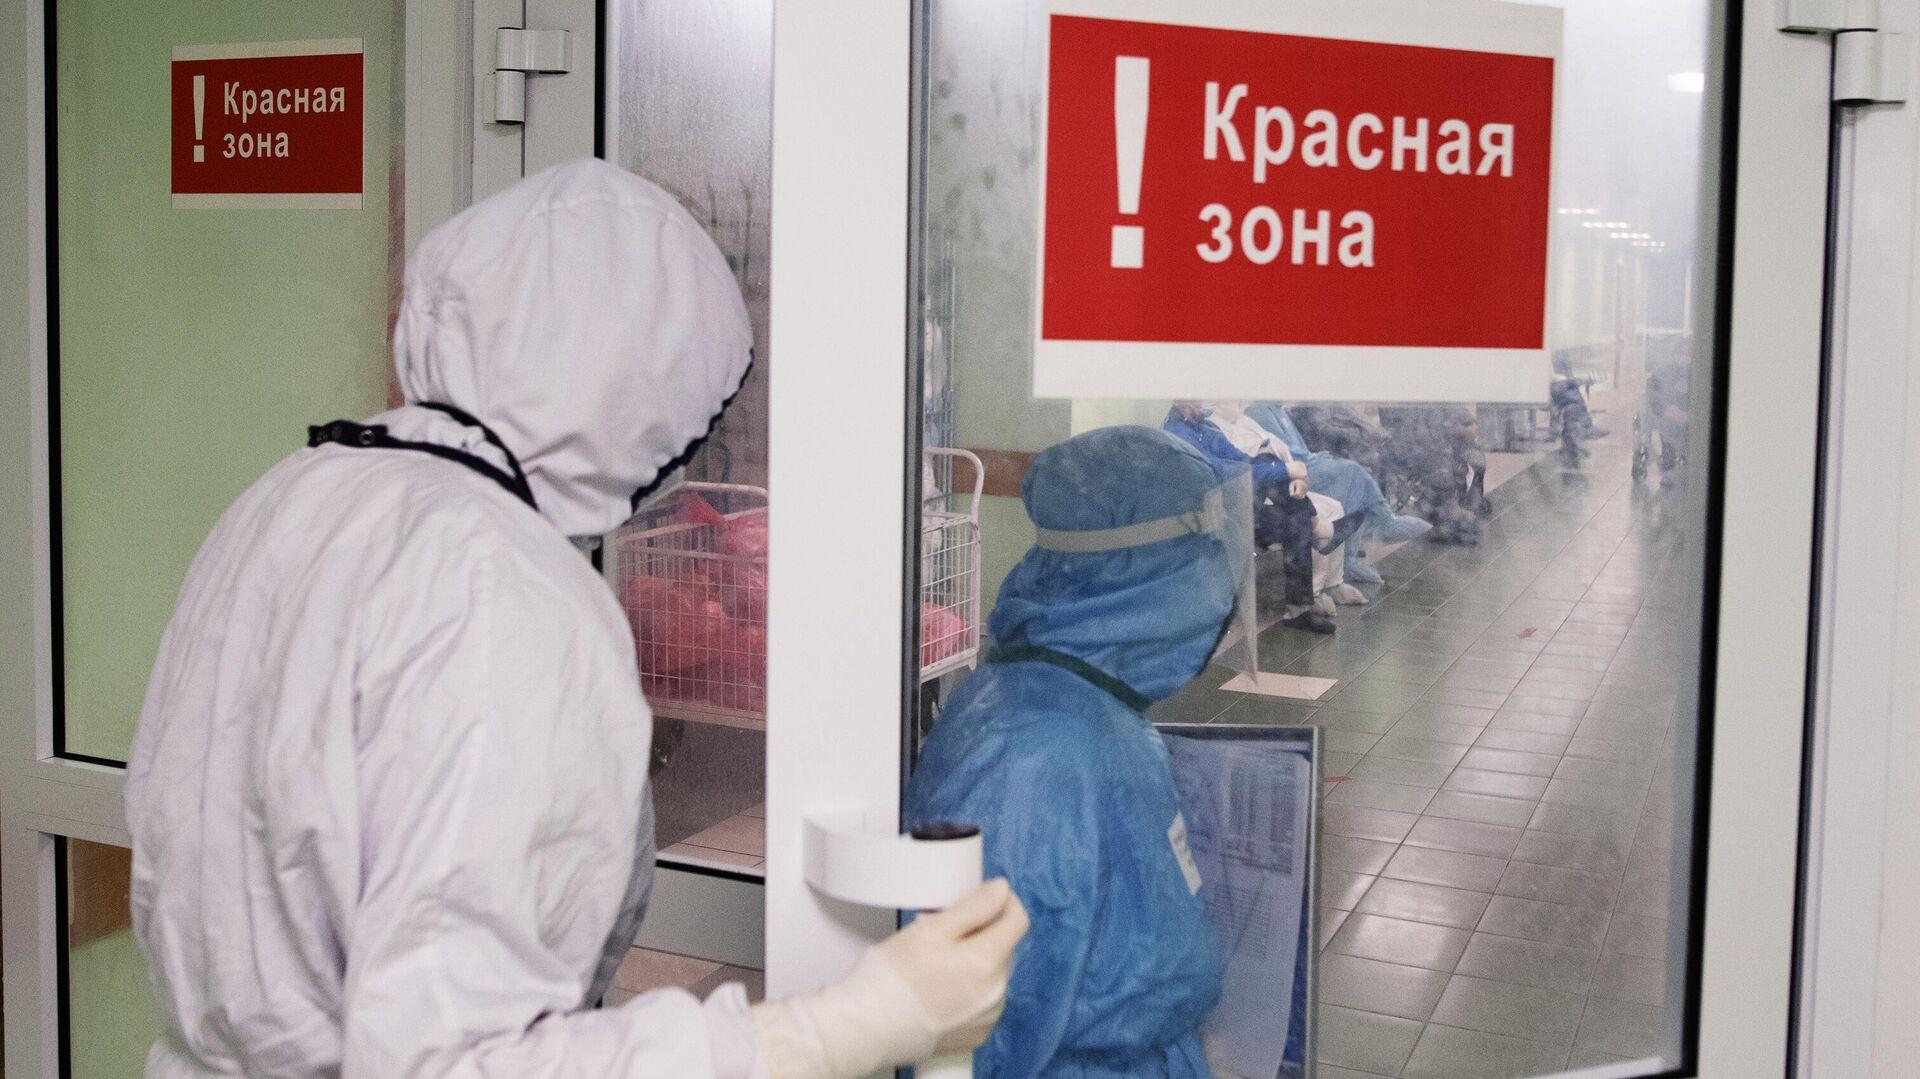 Жаловавшаяся Путину санитарка назвала свой реальный заработок